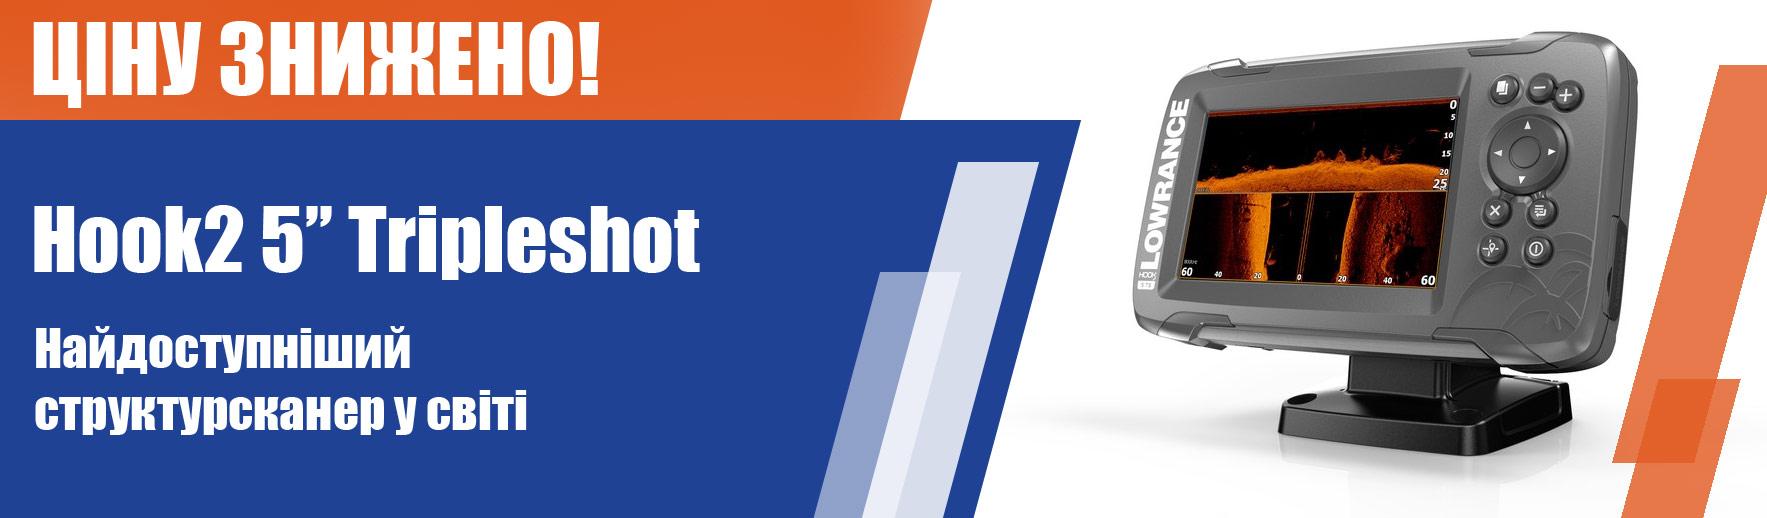 Зниження ціни на ехолот - картплоттер Lowrance HOOK2 5 TripleShot у фірмовому магазині лоуренс